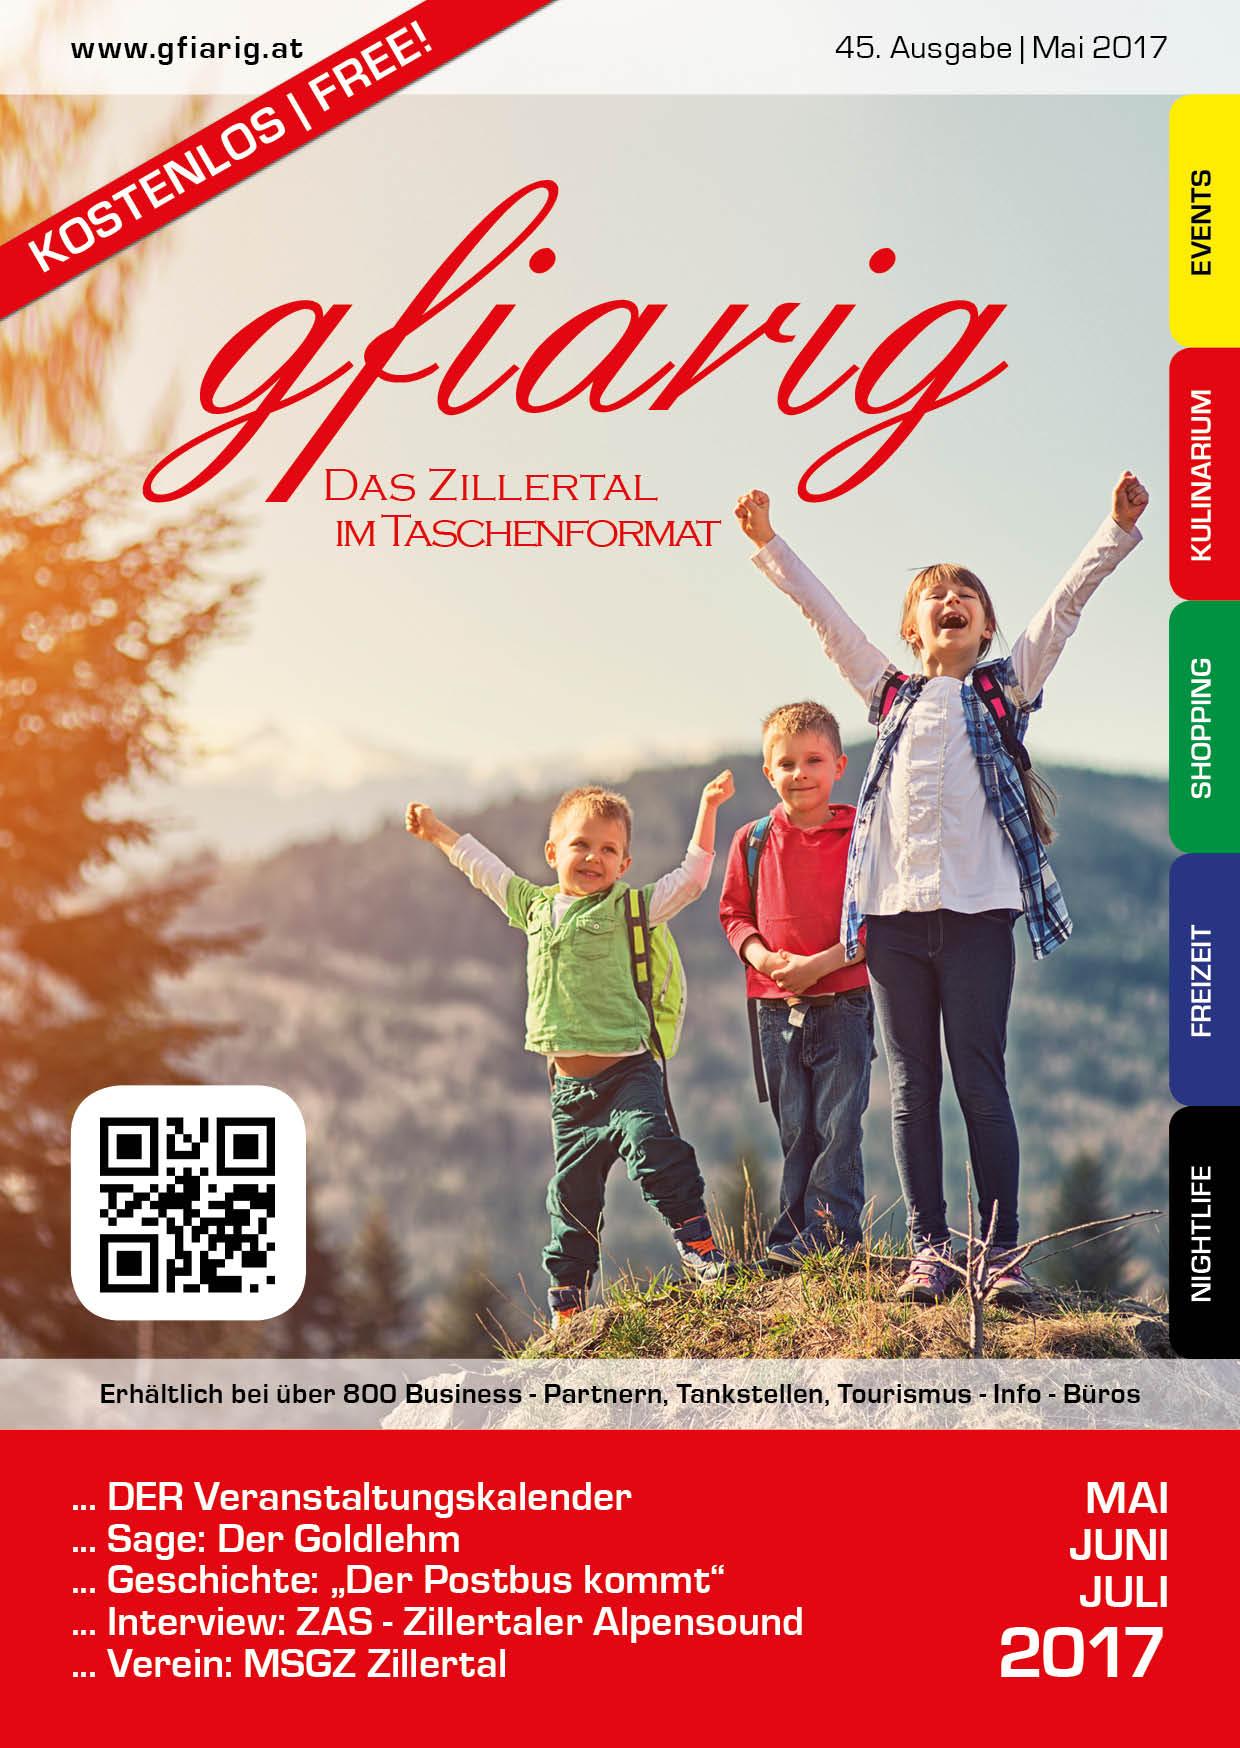 Gfiarig - 45.Ausgabe - Mai 2017